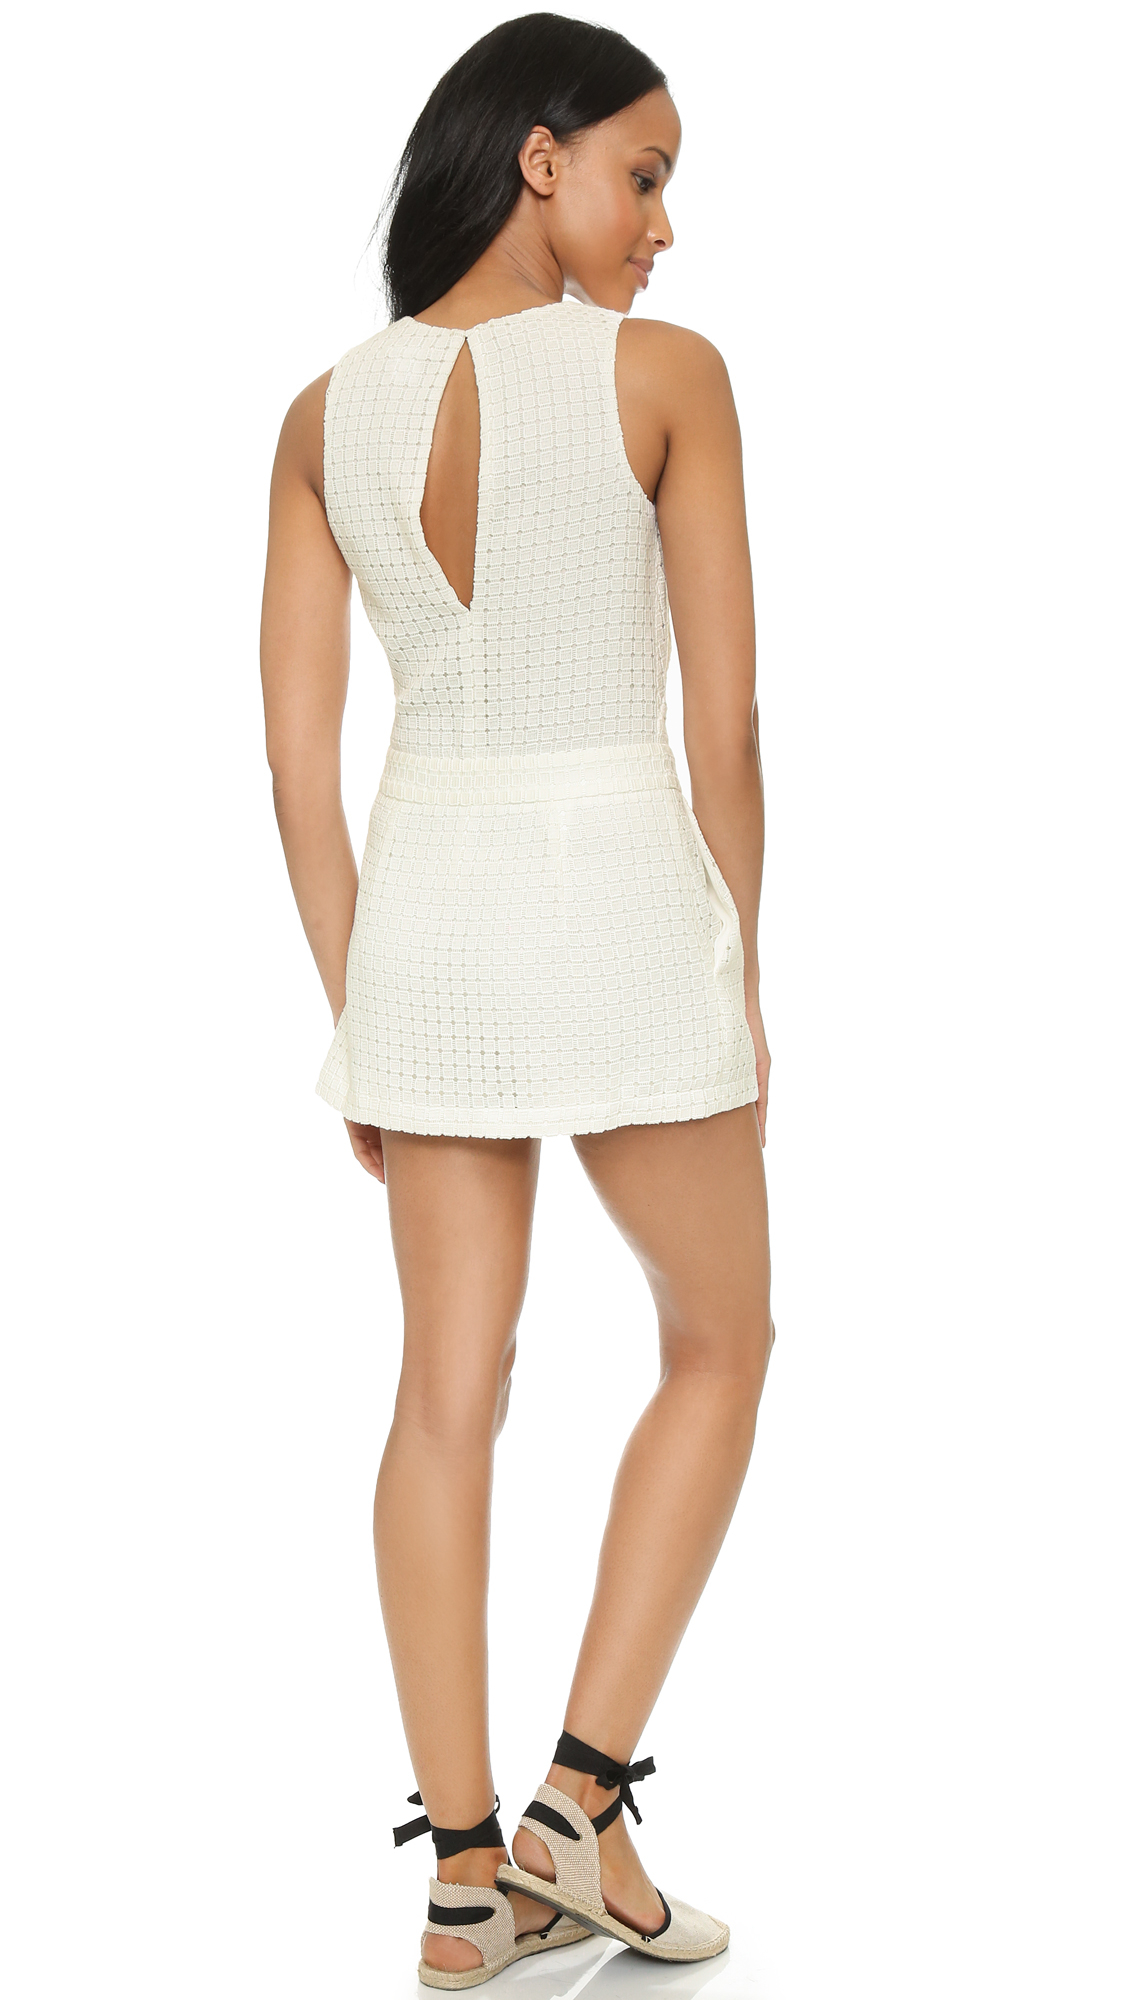 e44514738e45 Lyst - Club Monaco Verlise Romper in White